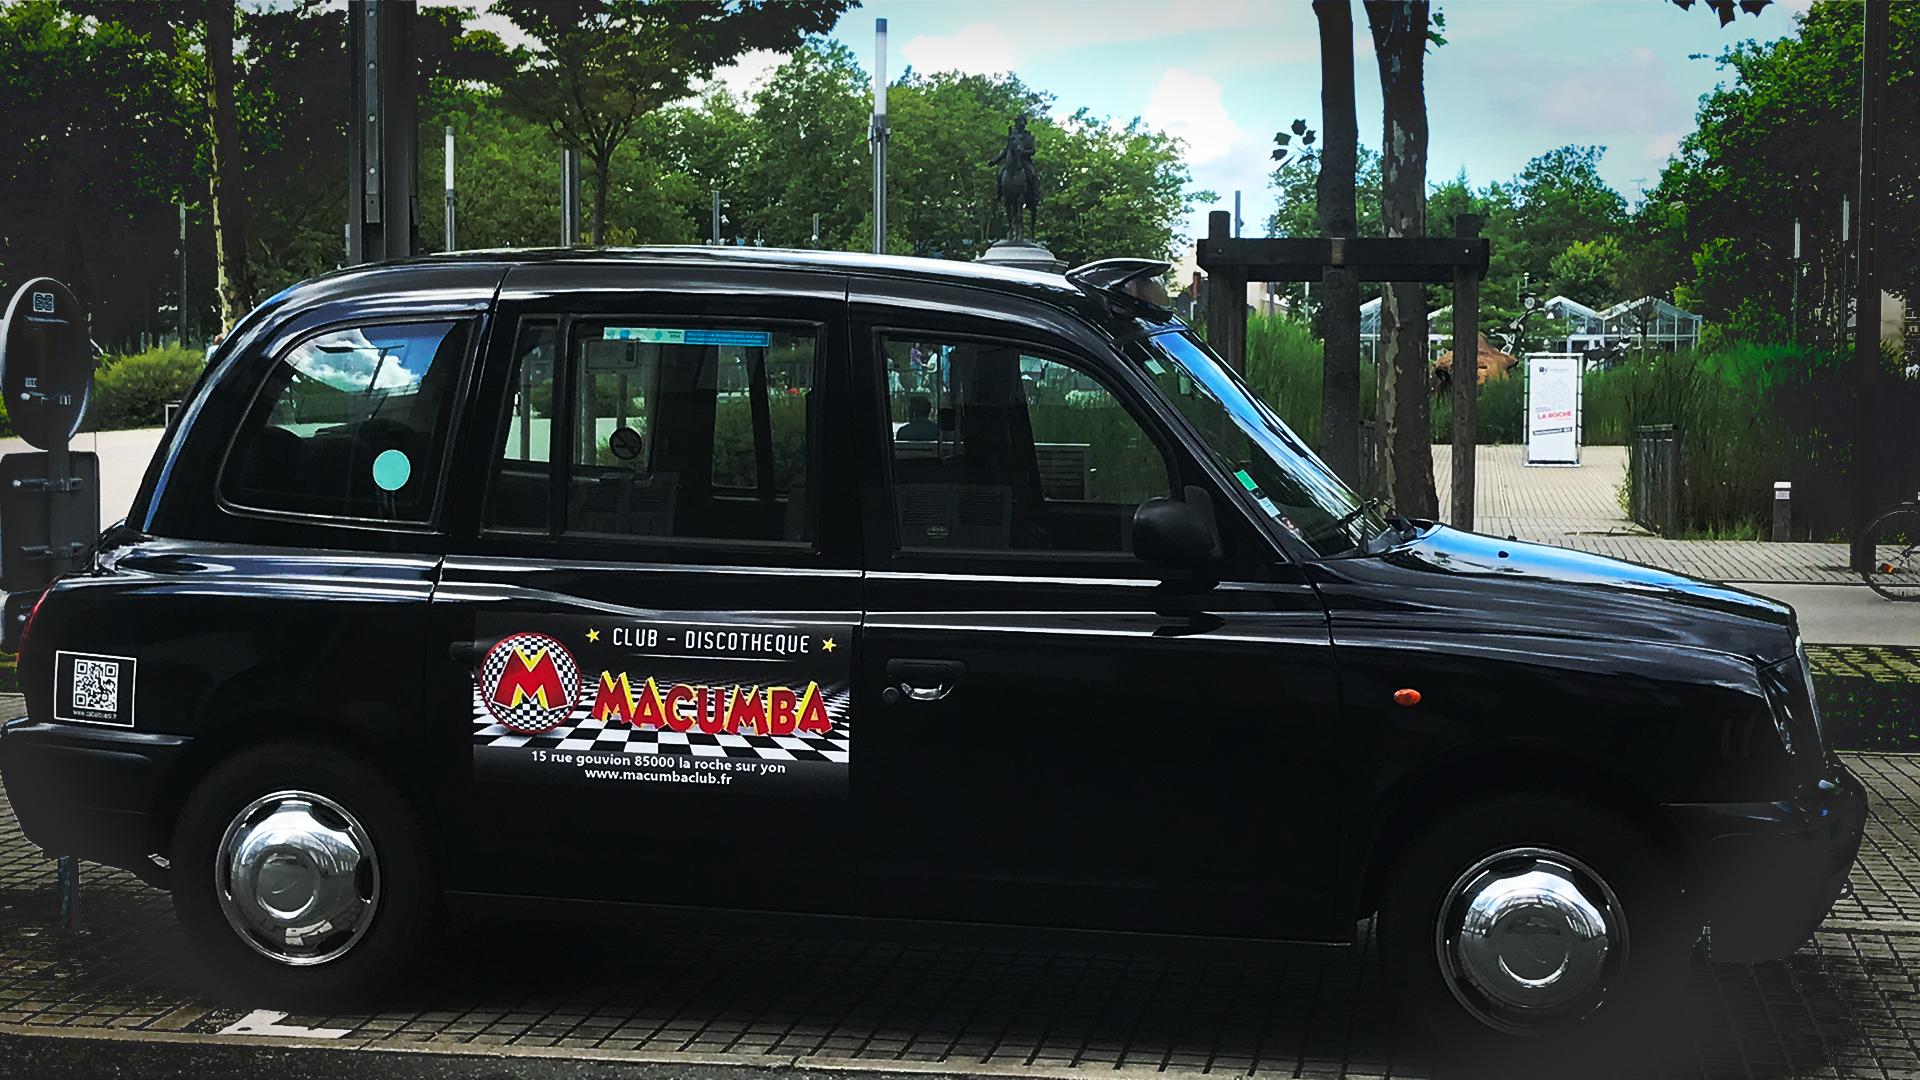 Cab à L'ouest roule pour le Macumba Club